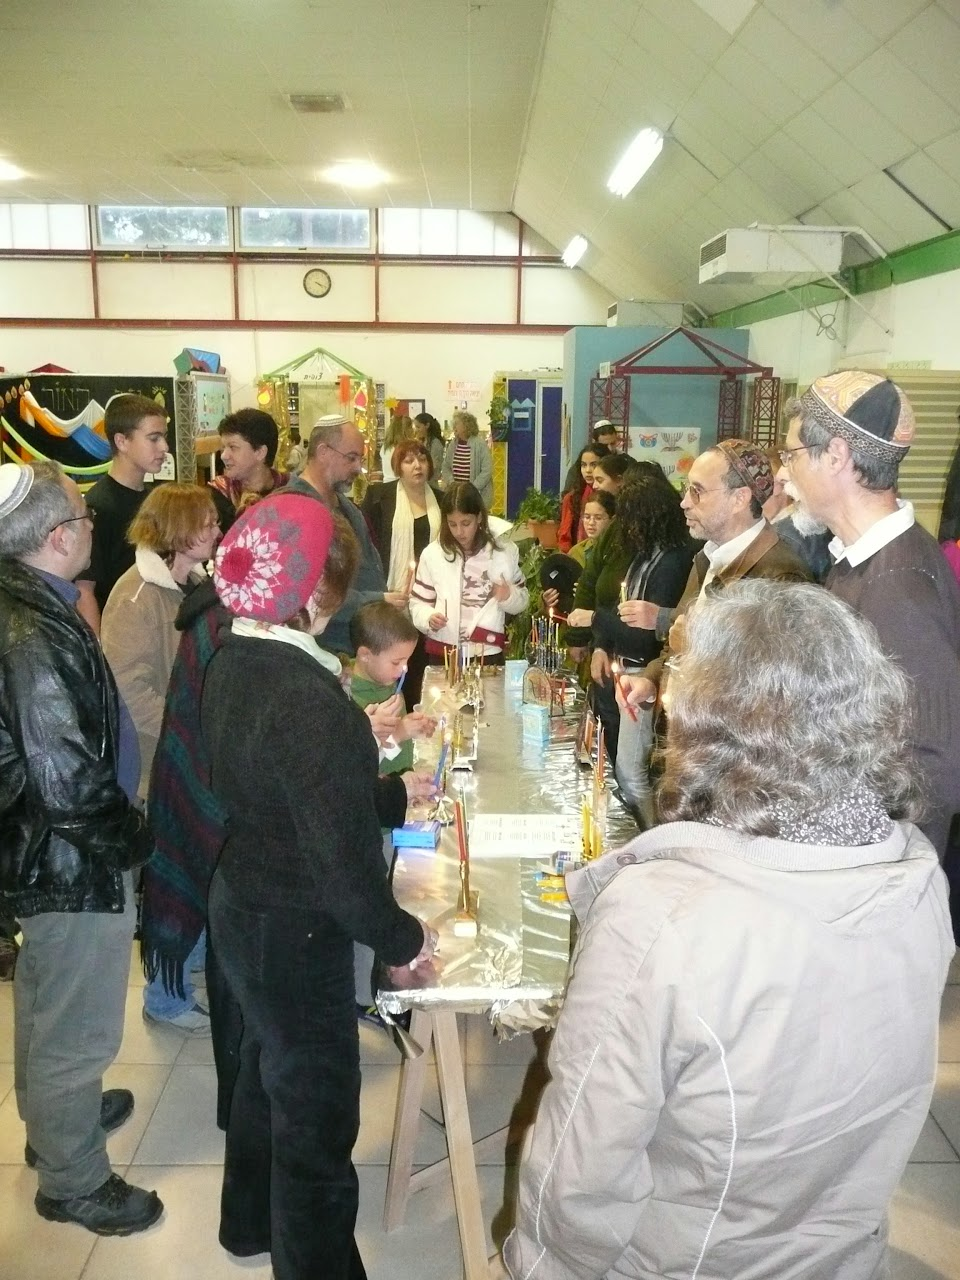 Hanukkah 2008  - 2008-12-26 16.17.43.jpg